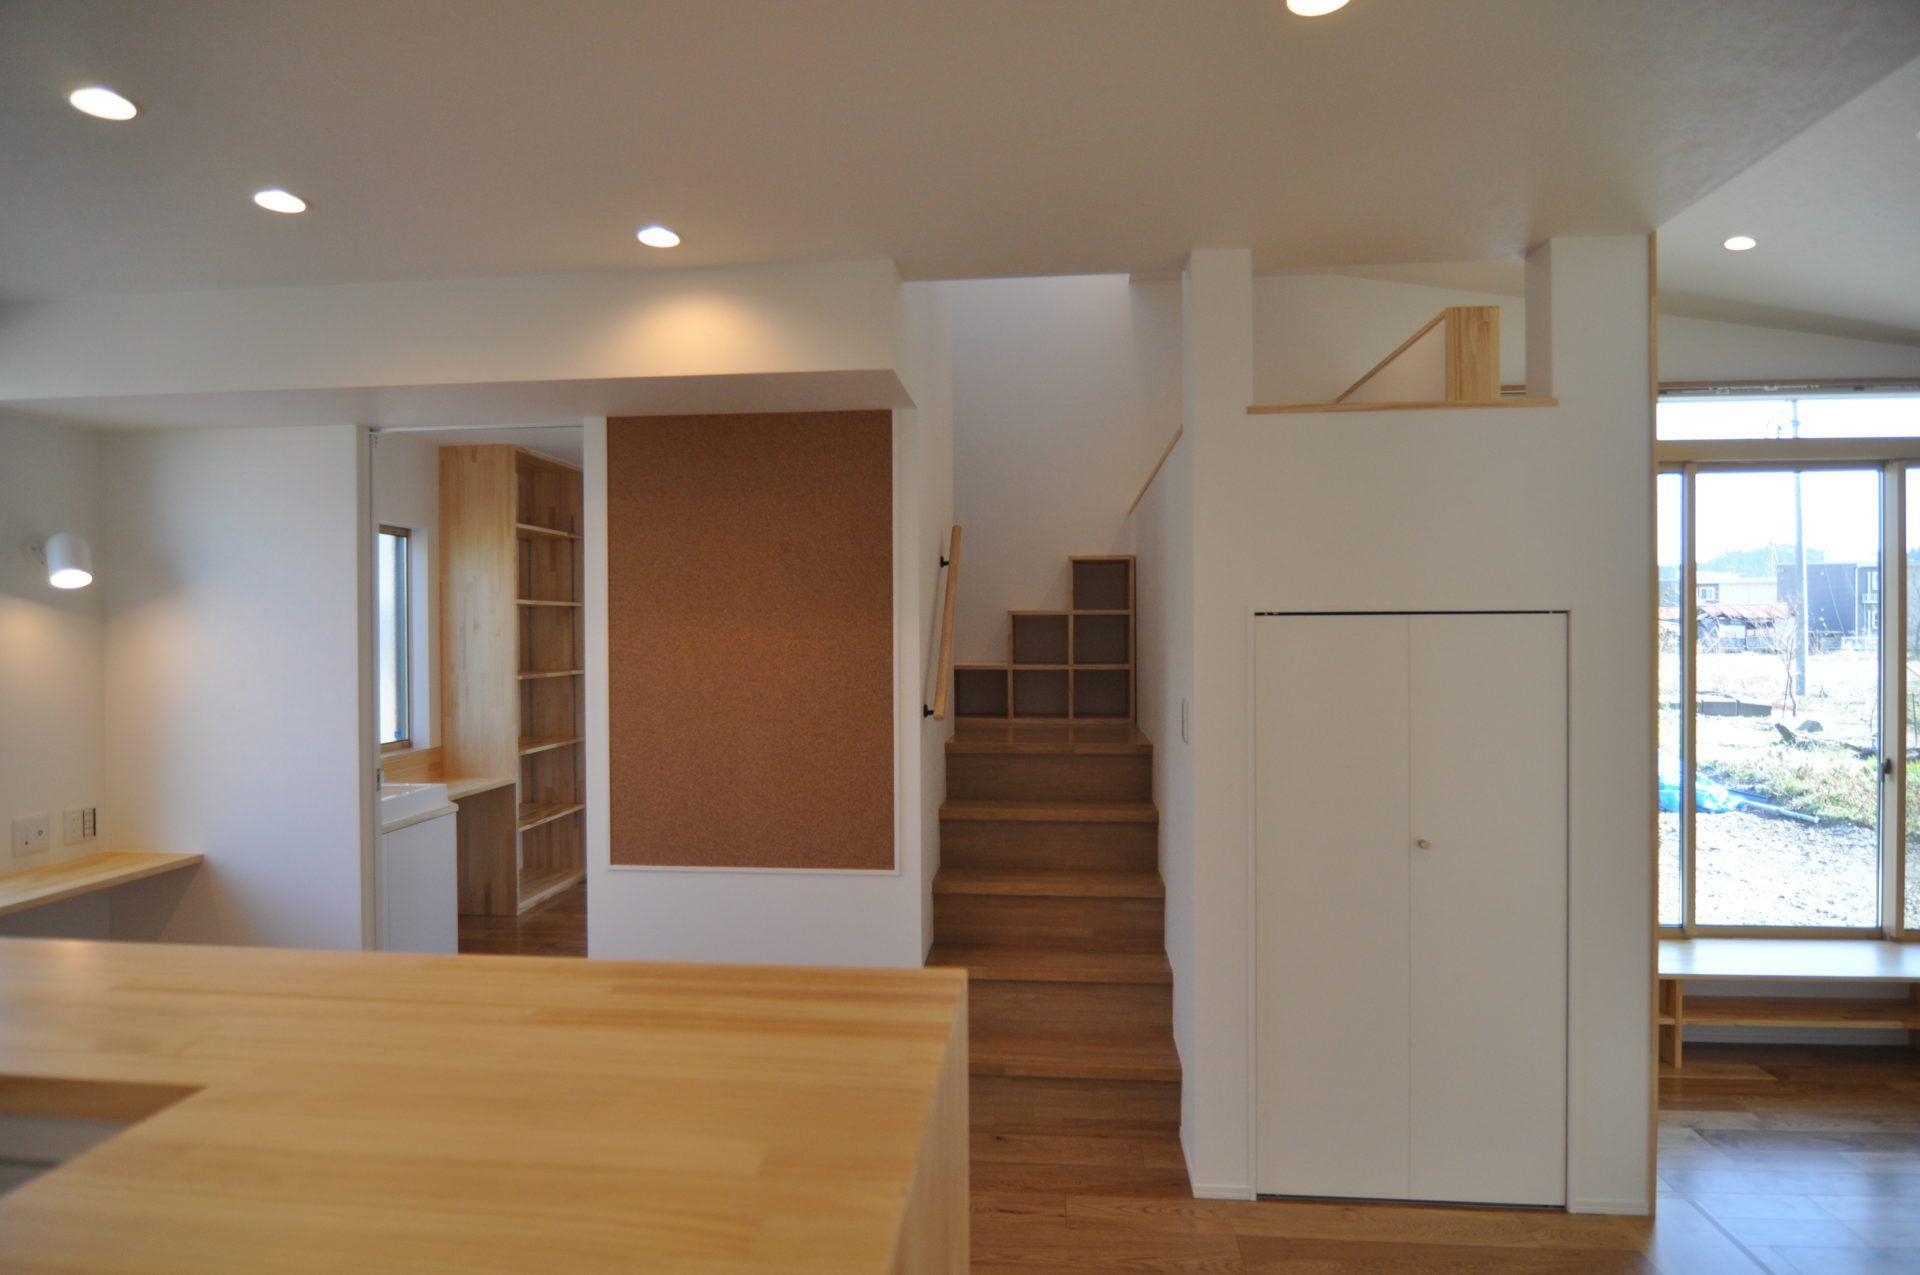 有限会社 市川建築店 1級建築士事務所「加茂市 Y様邸」のシンプル・ナチュラルな階段の実例写真